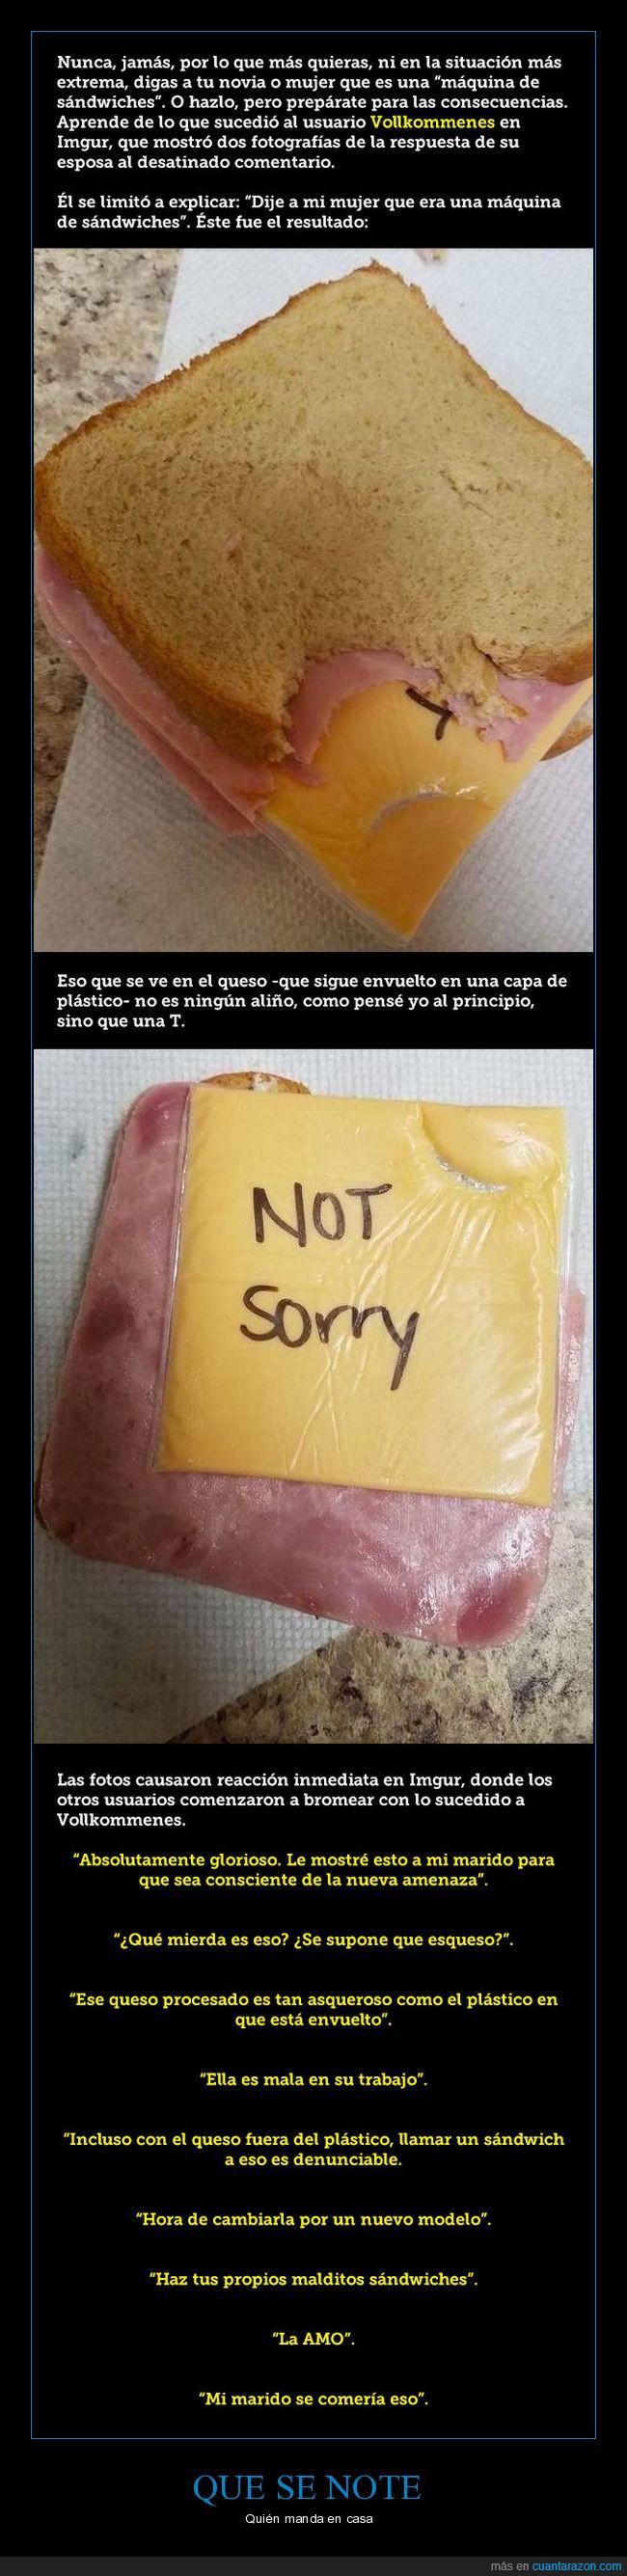 mujer,queso,sandwich,tranchete,venganza